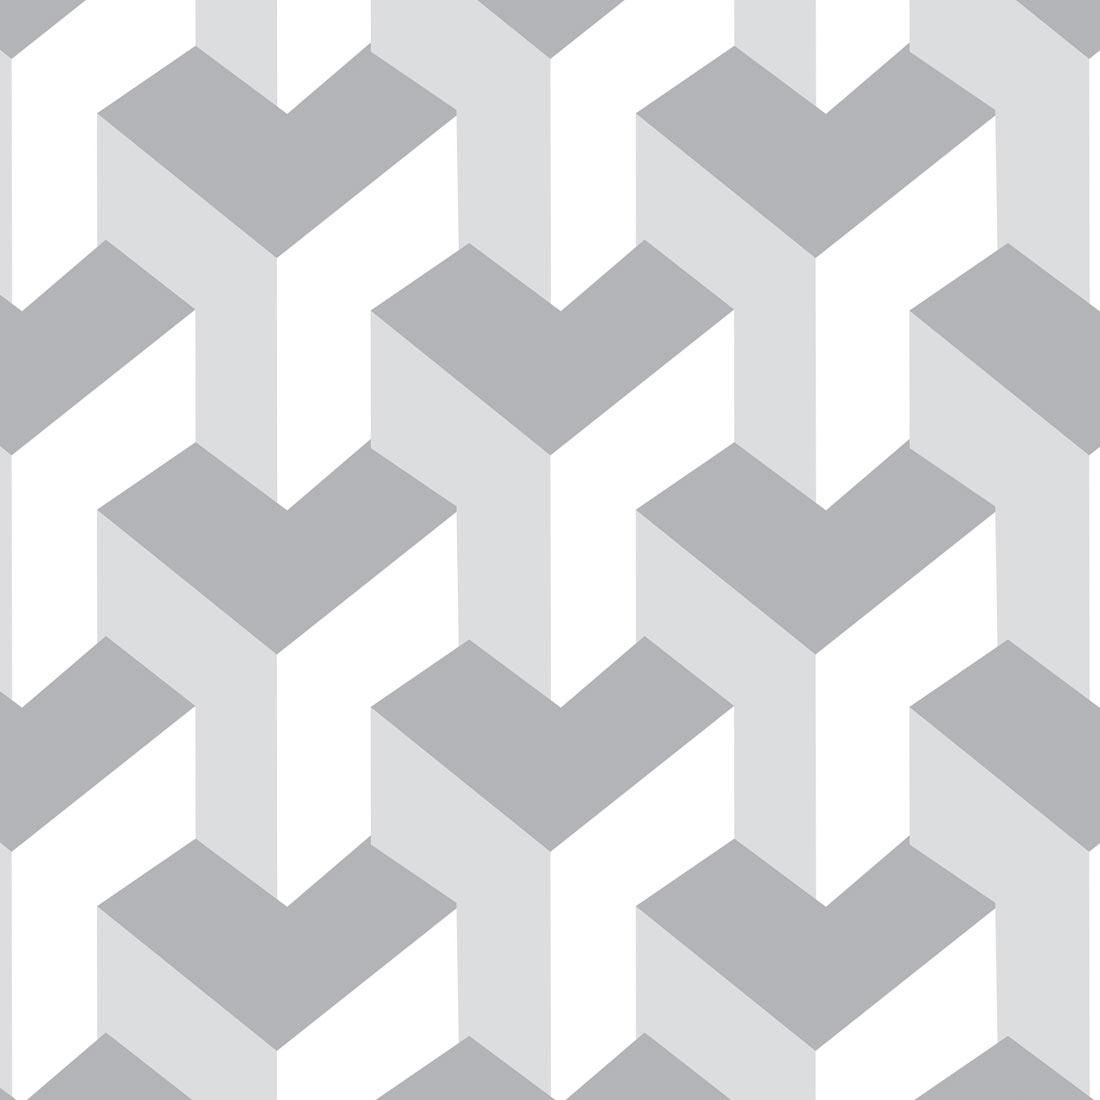 Papel De Parede Textura Em Tons De Branc Jmi Decor Elo7 ~ Papel De Parede Para Quarto Textura